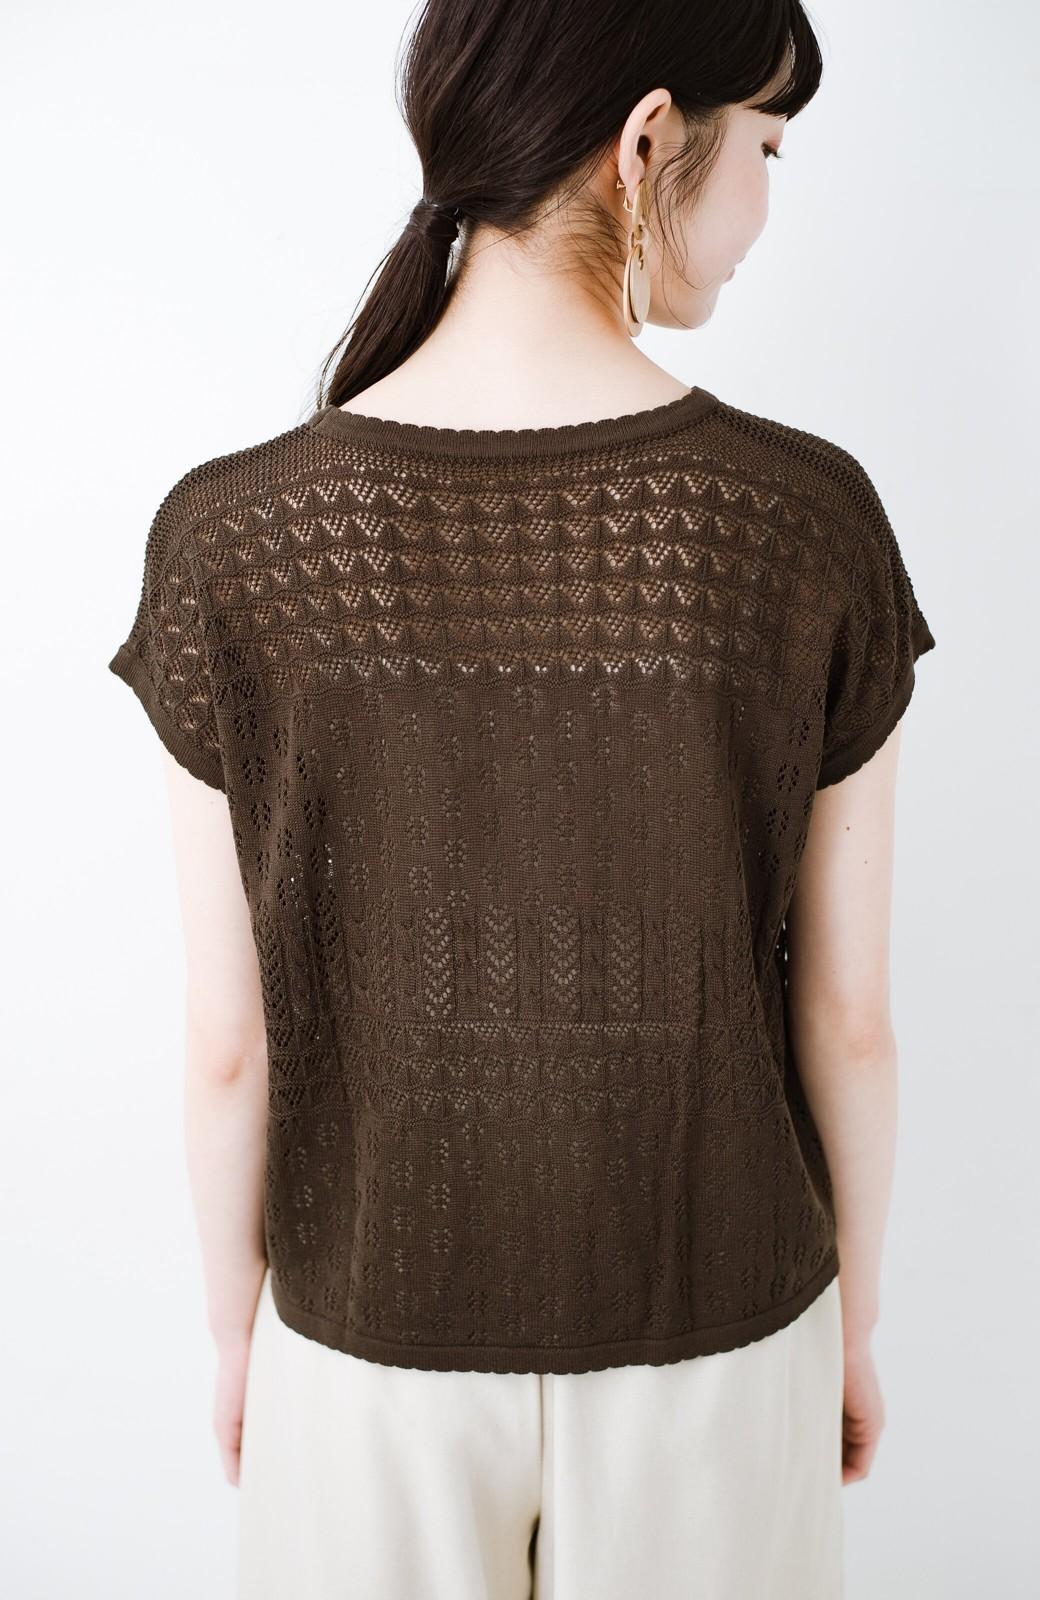 haco! 1枚でも重ね着にも便利なヘビロテしたくなる透かし編みニットトップス <チョコ>の商品写真13